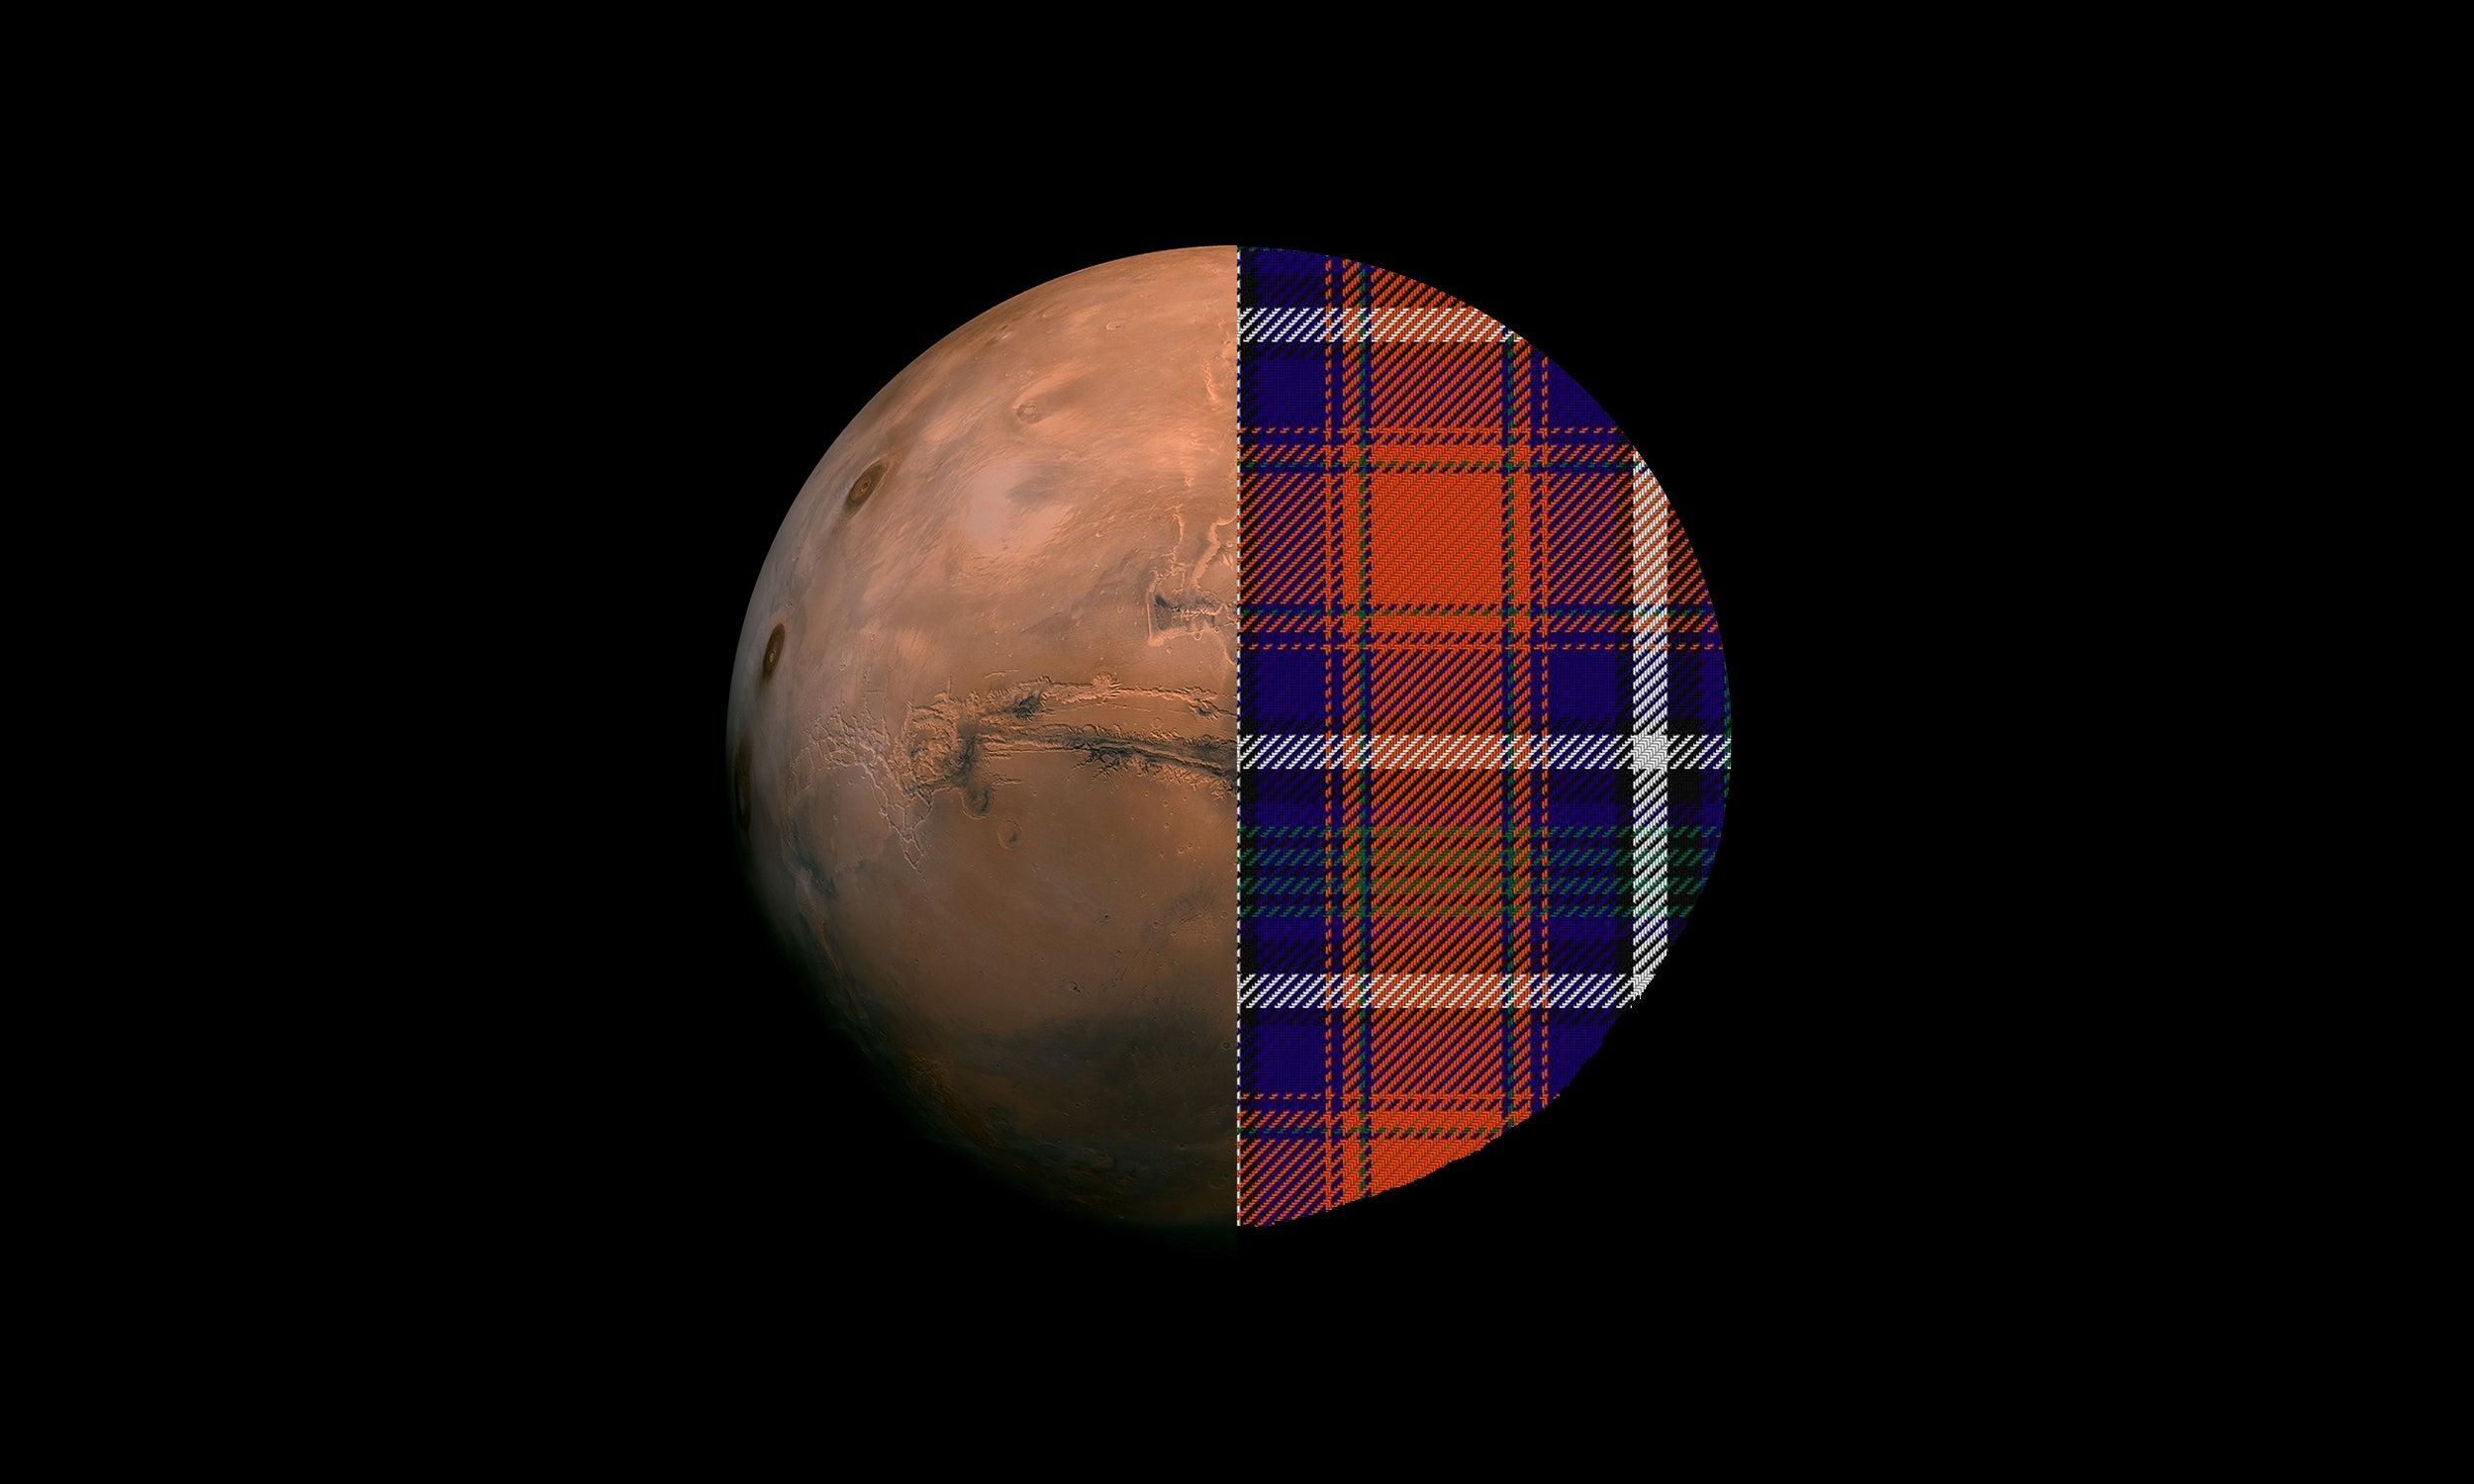 Mars Has Its Own Tartan Pattern